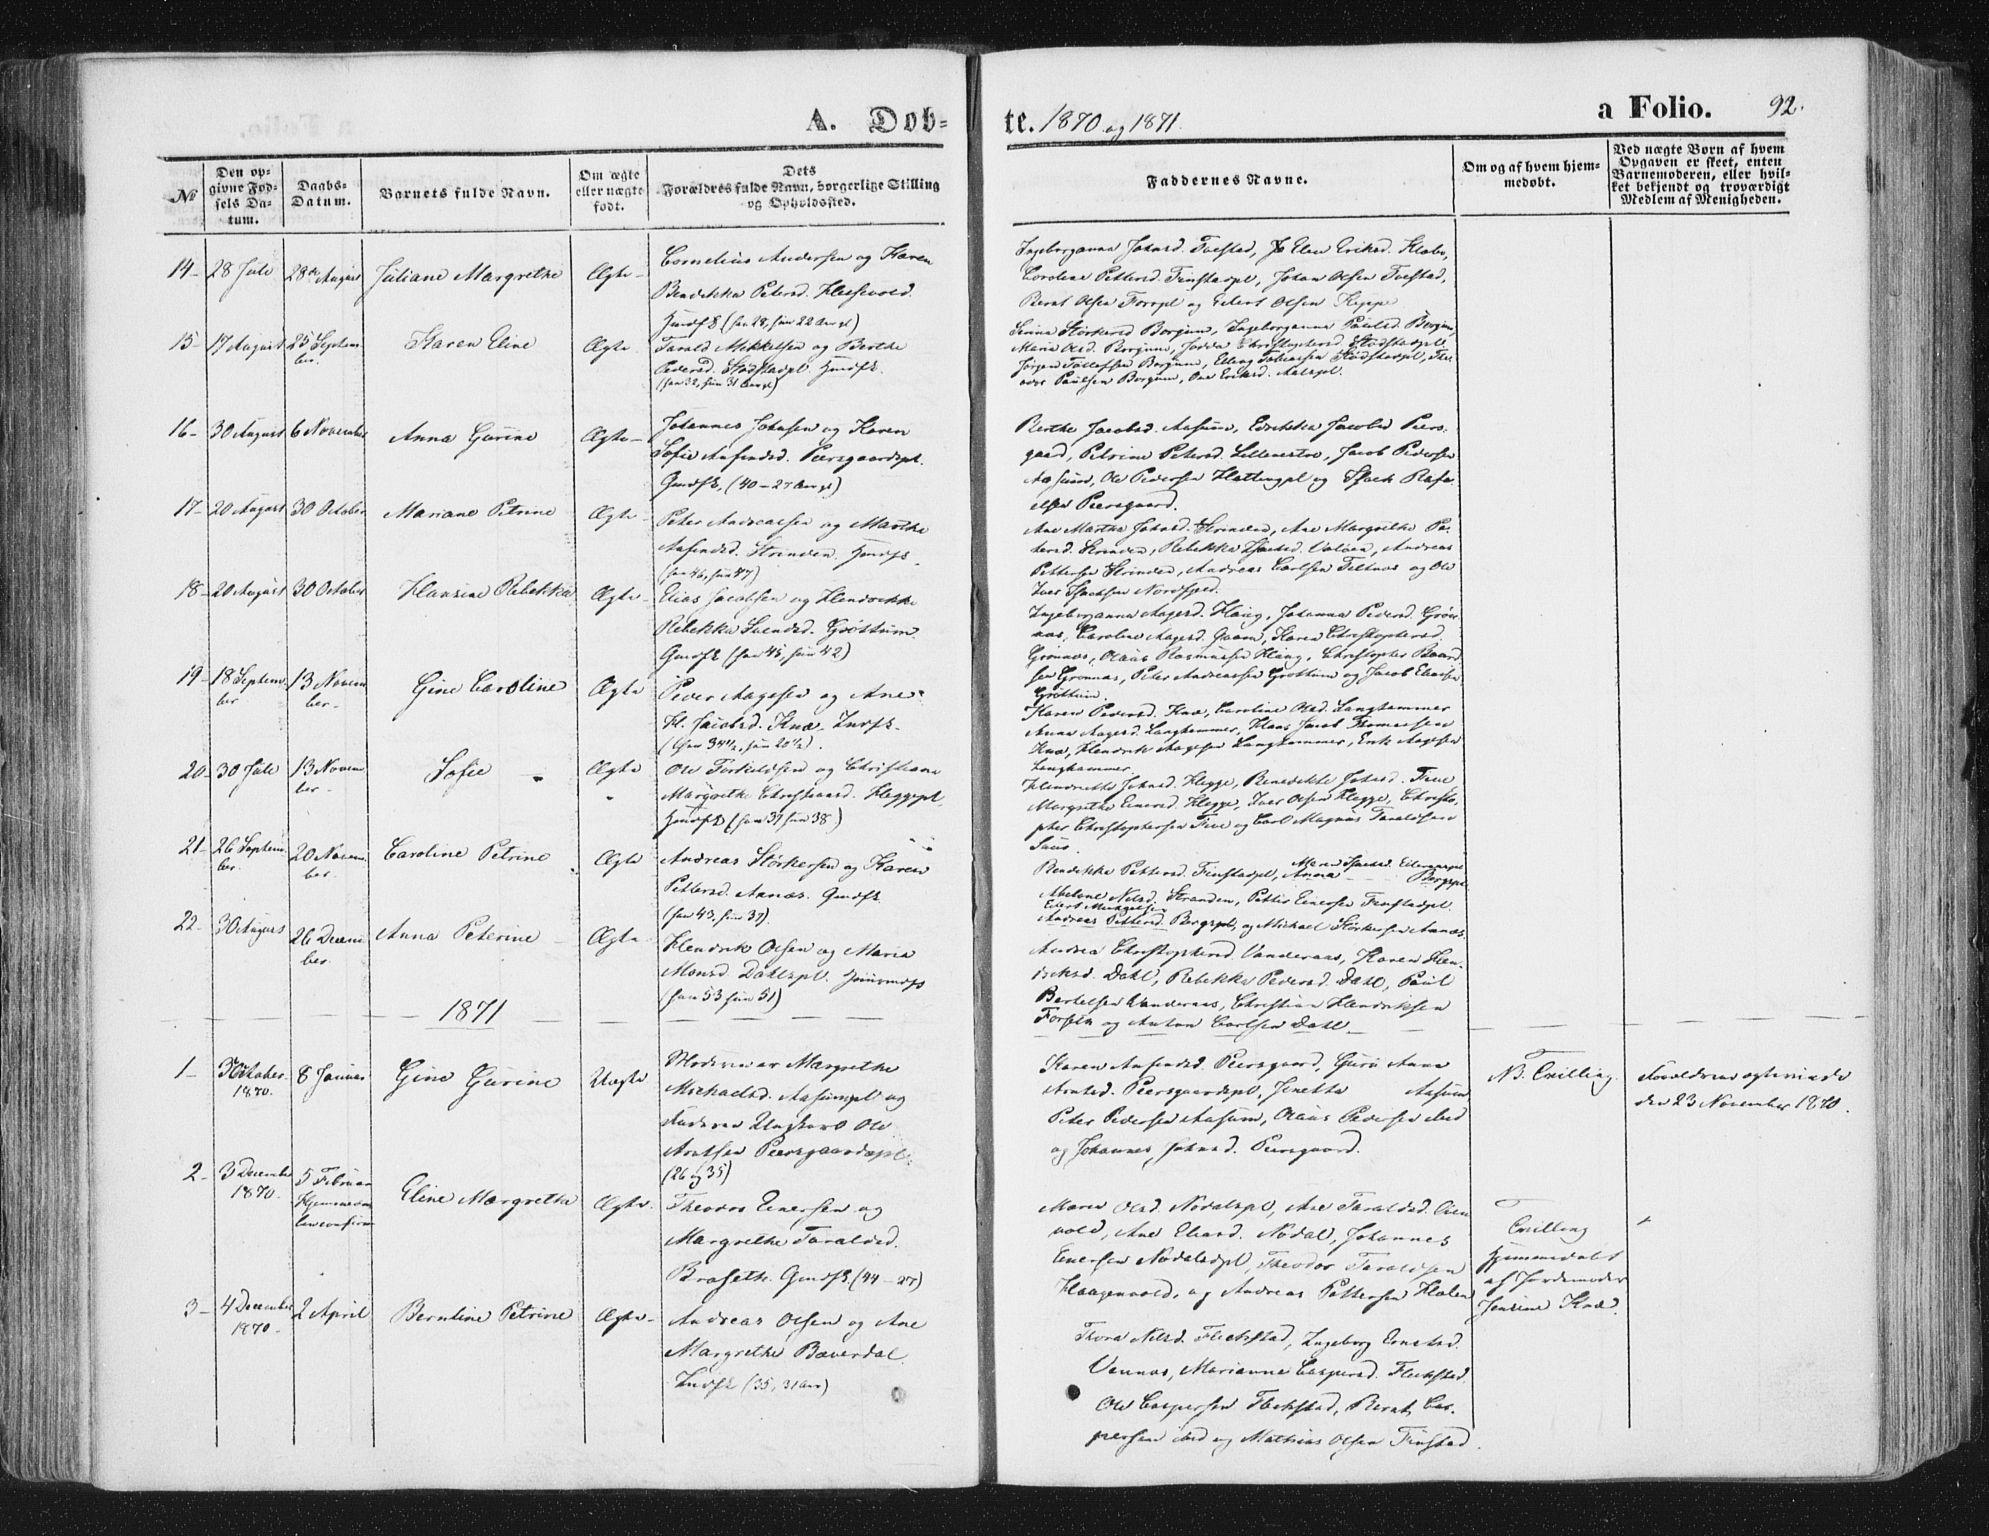 SAT, Ministerialprotokoller, klokkerbøker og fødselsregistre - Nord-Trøndelag, 746/L0447: Ministerialbok nr. 746A06, 1860-1877, s. 92